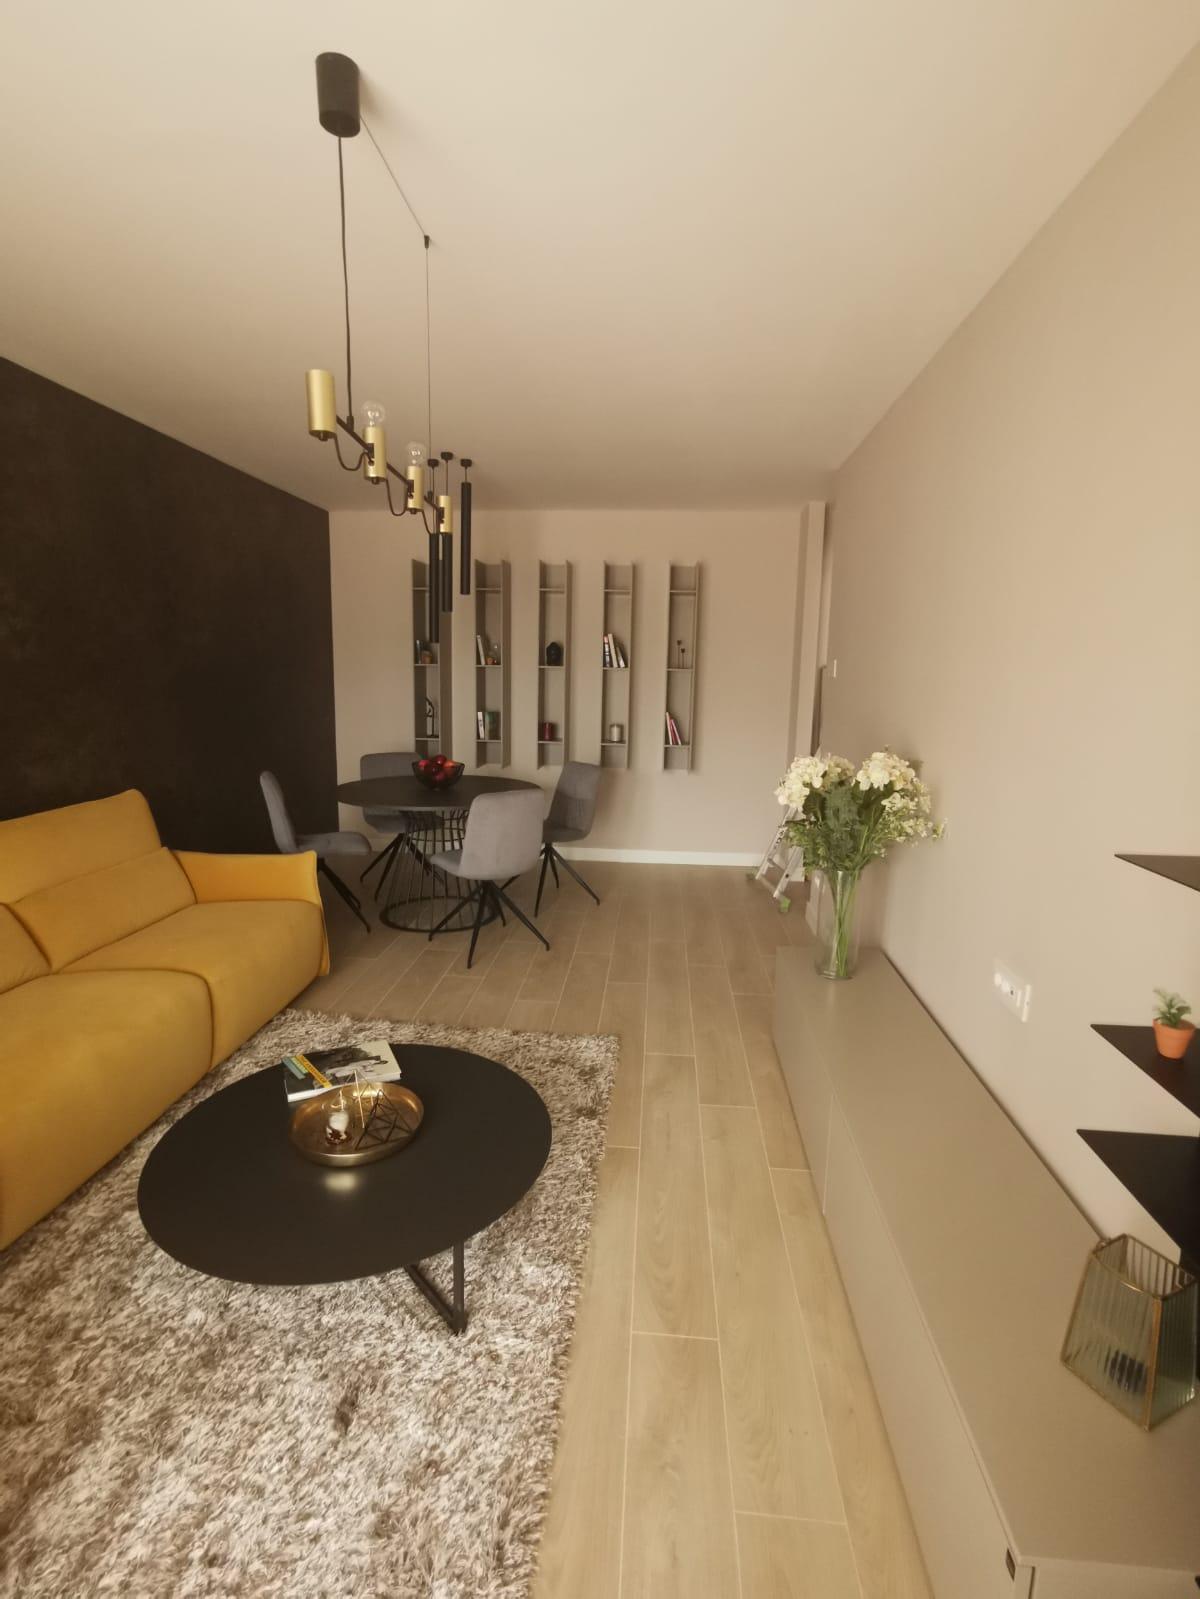 OFERTA LUNII AUGUST: Apartament cu trei camere cu terasă, la un preț special de 138.900 euro + 19% TVA